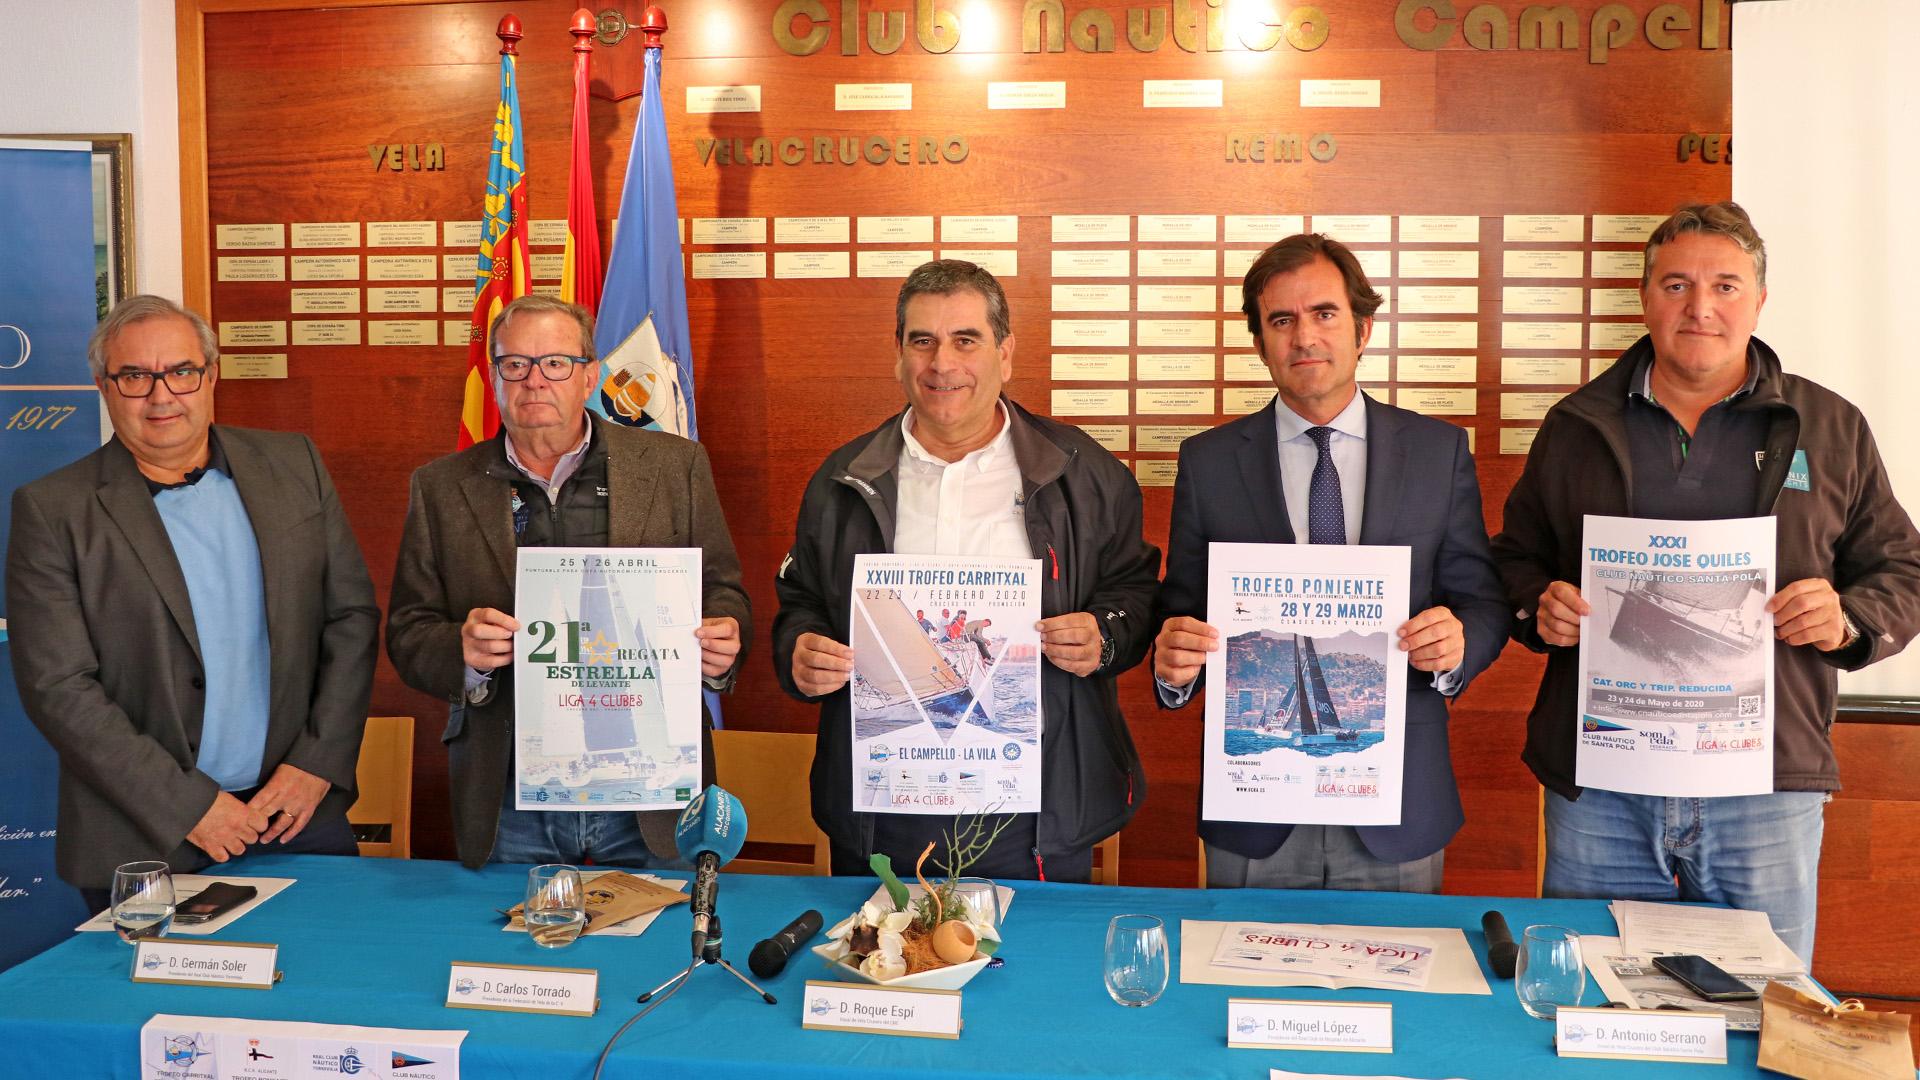 Presentación Liga 4 Clubs - Club Náutico Campello